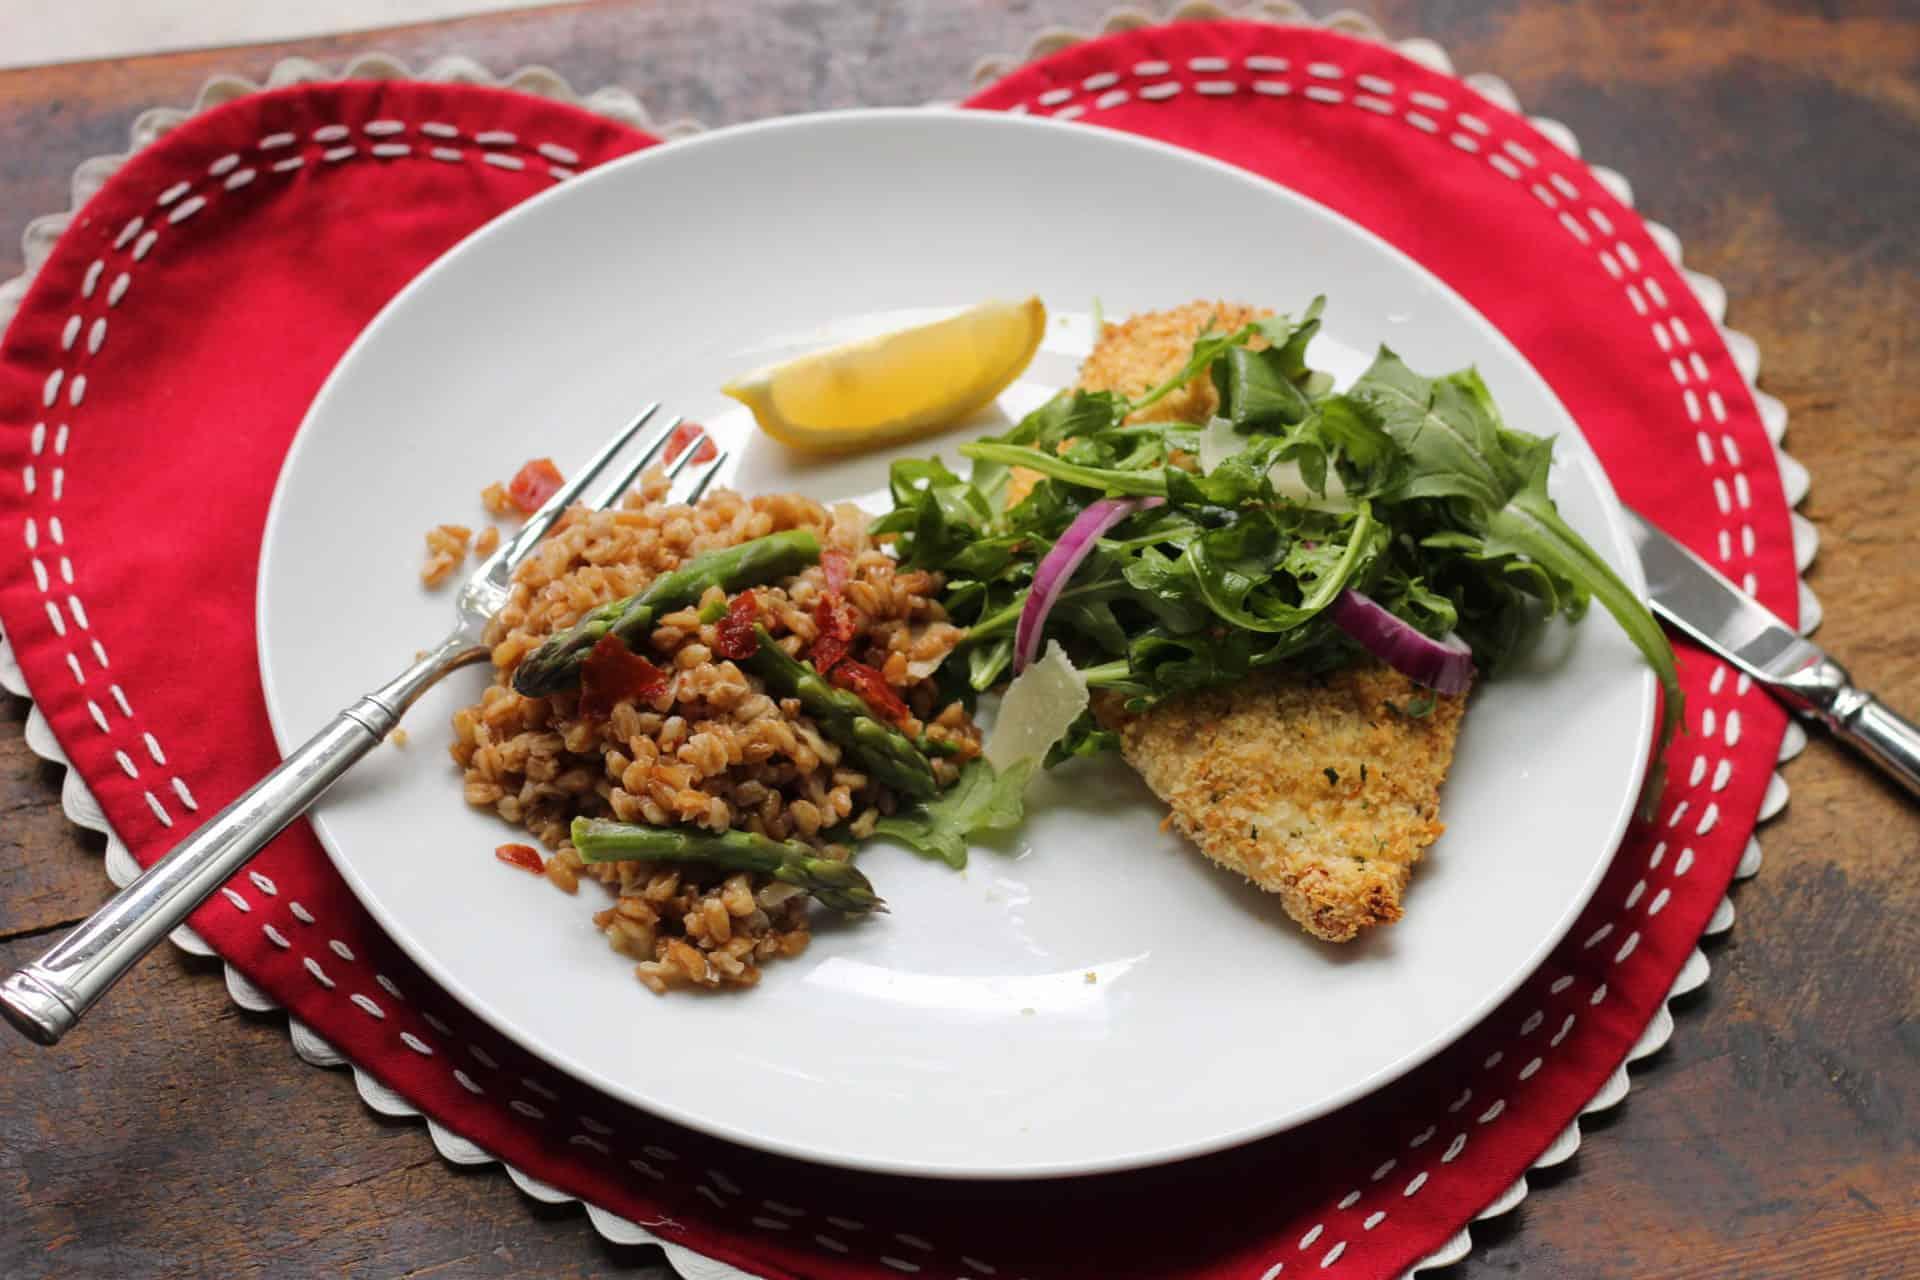 Chicken, Dinner, Valentine's Day